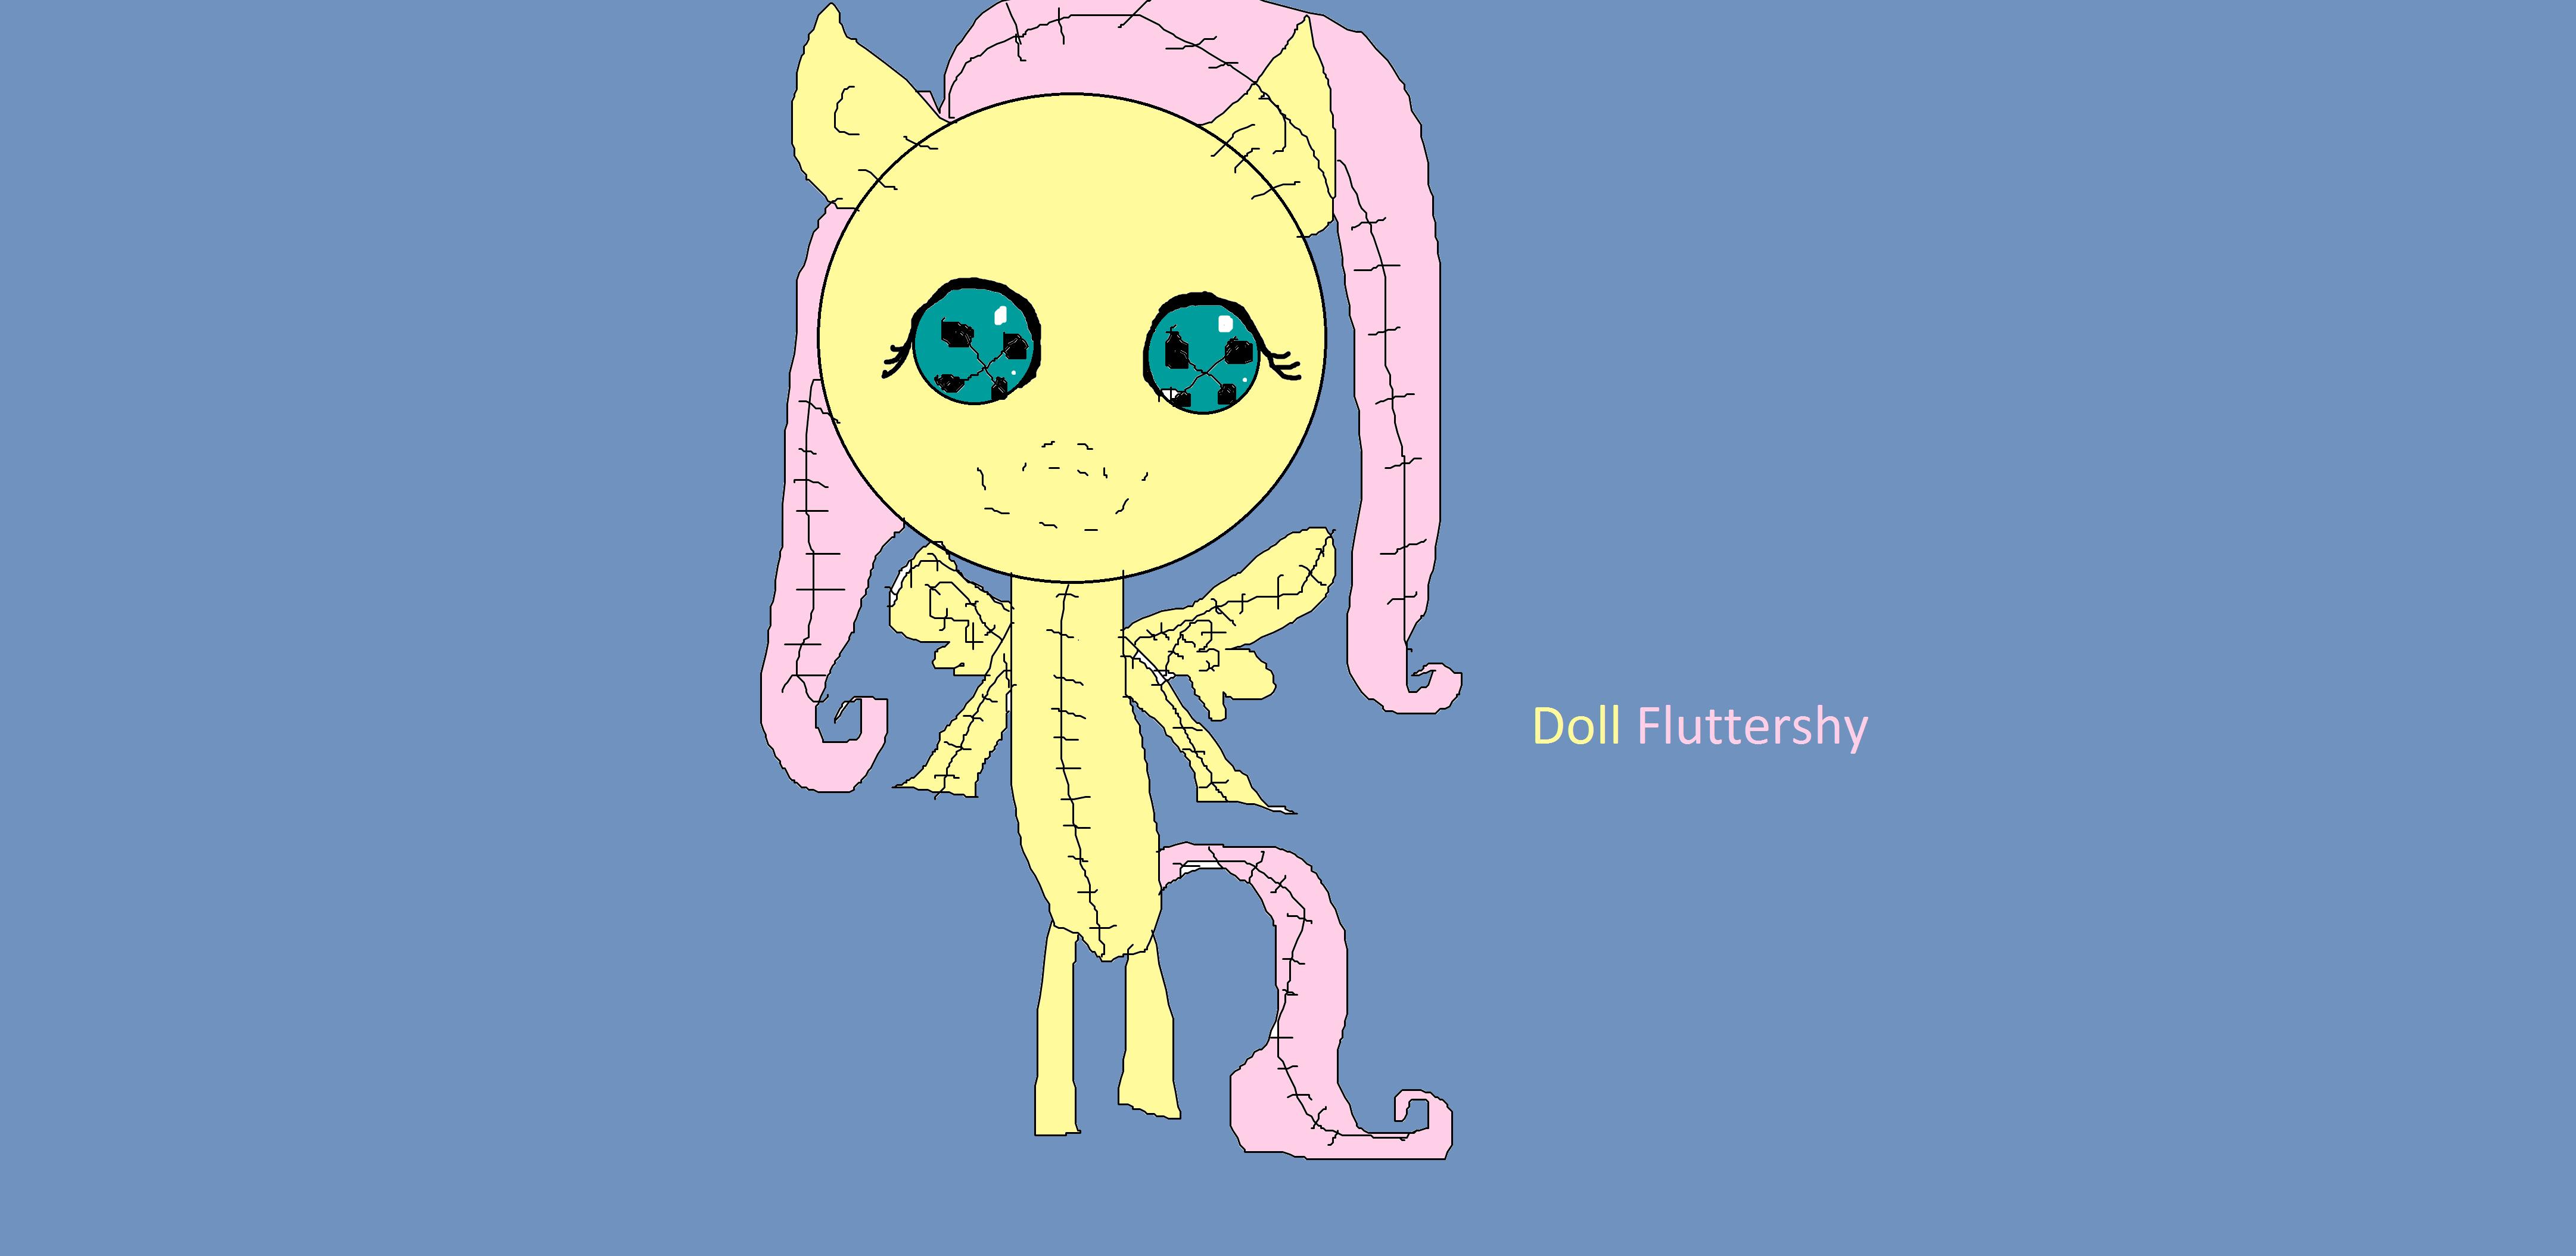 Doll Fluttershy